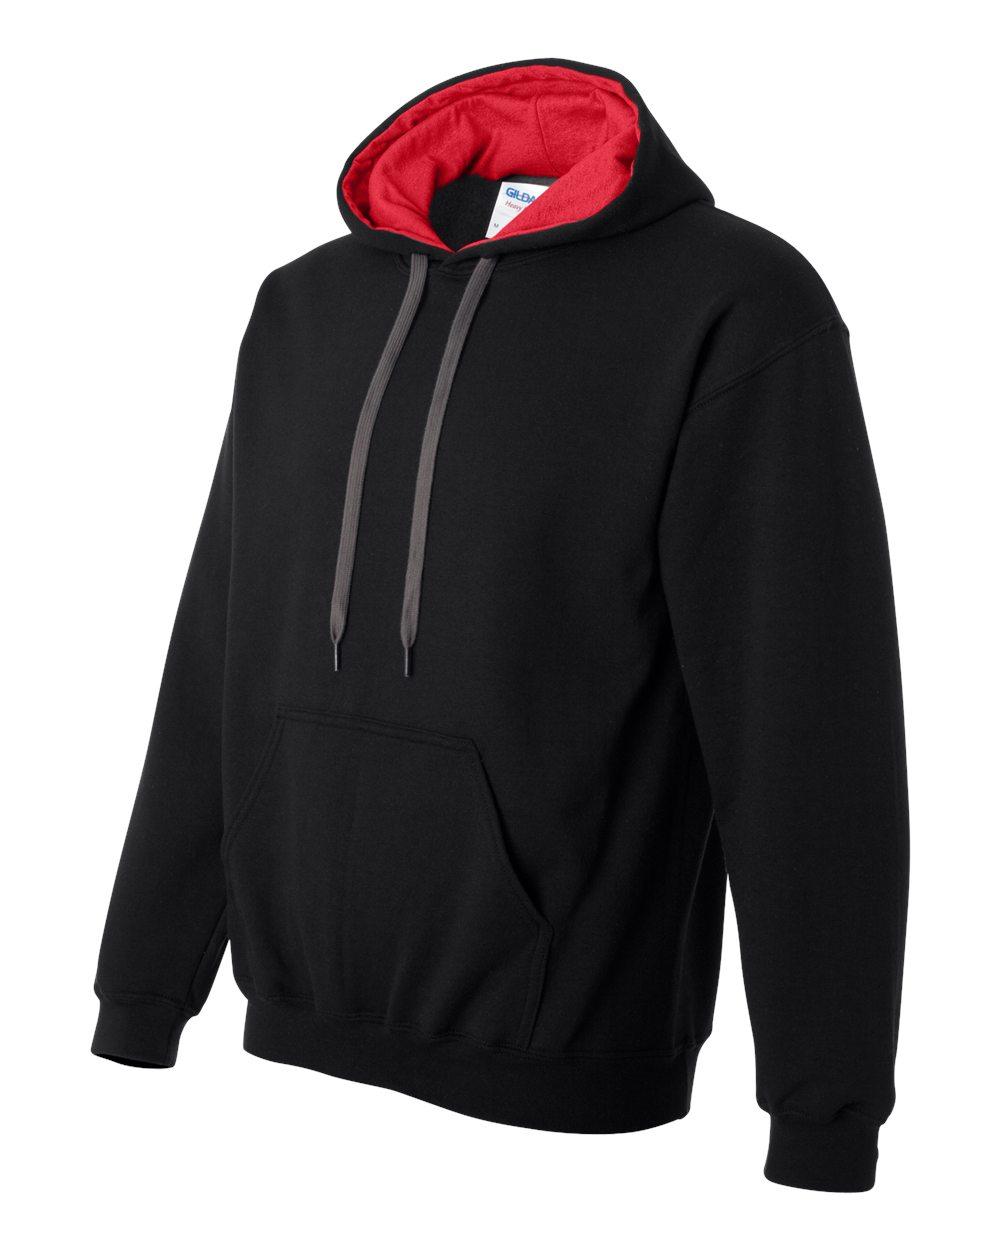 Gildan Heavy Blend Contrasted Hoodie GI185C00 Black - Red